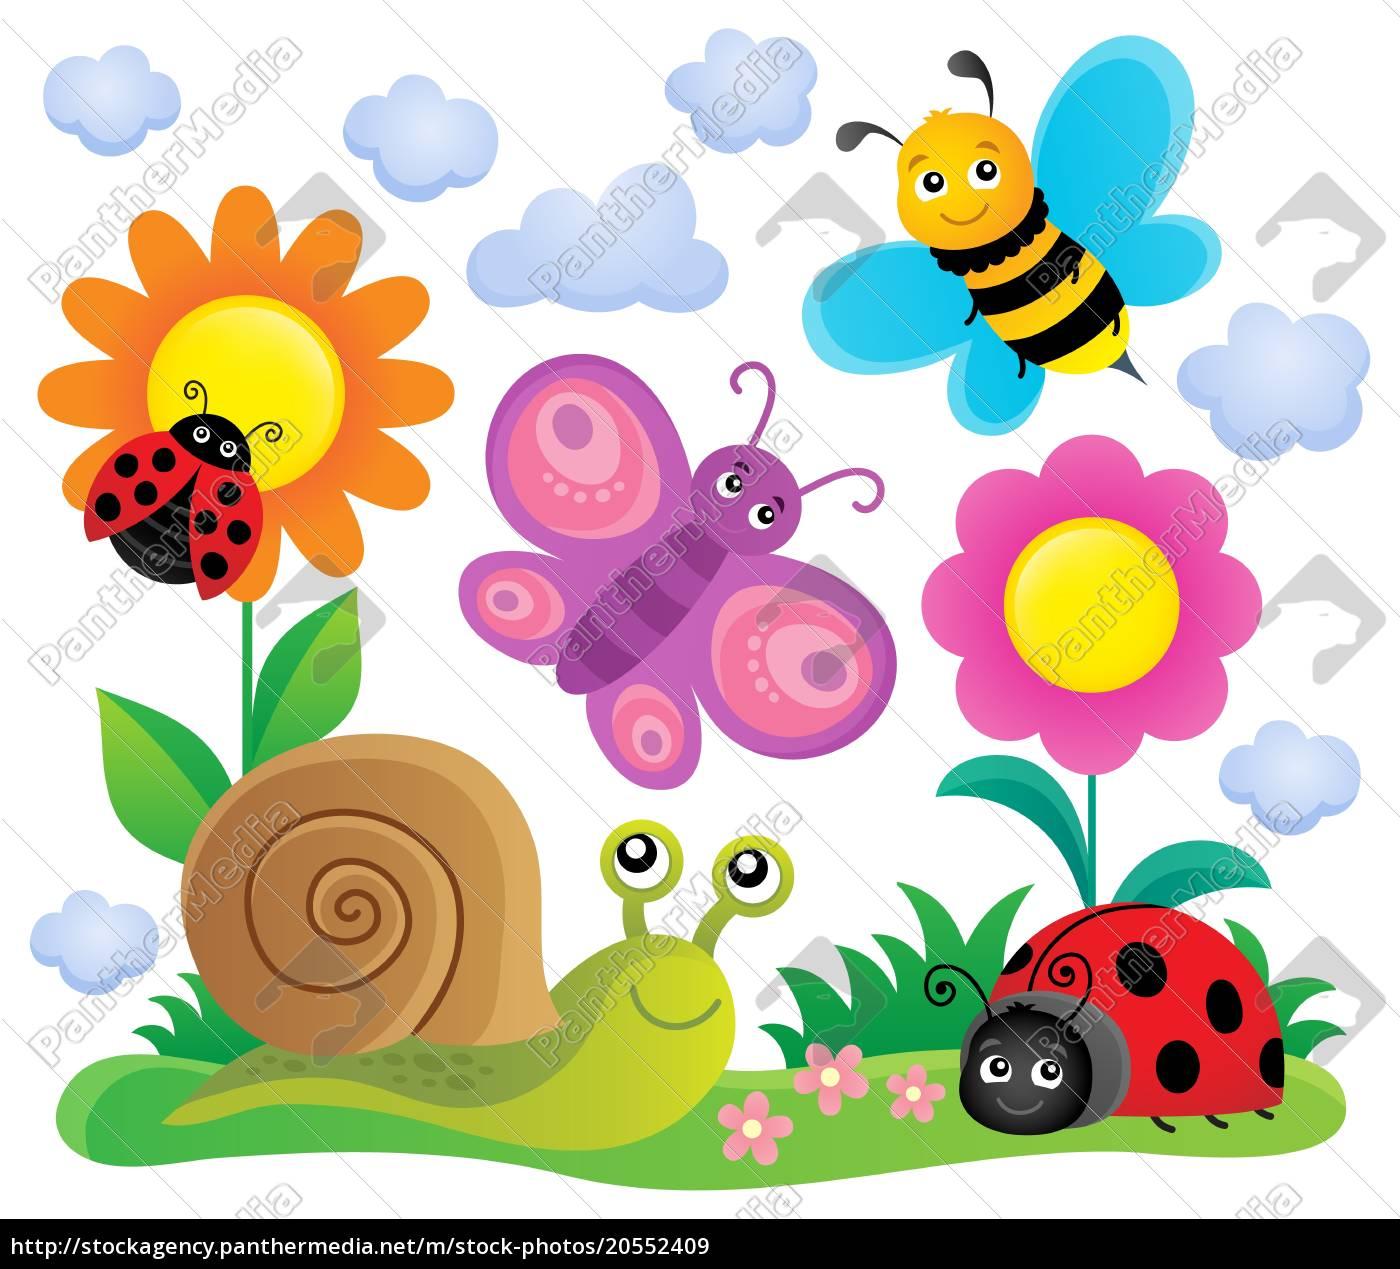 frühlingstiere, und, insektthema, bild, 6 - 20552409